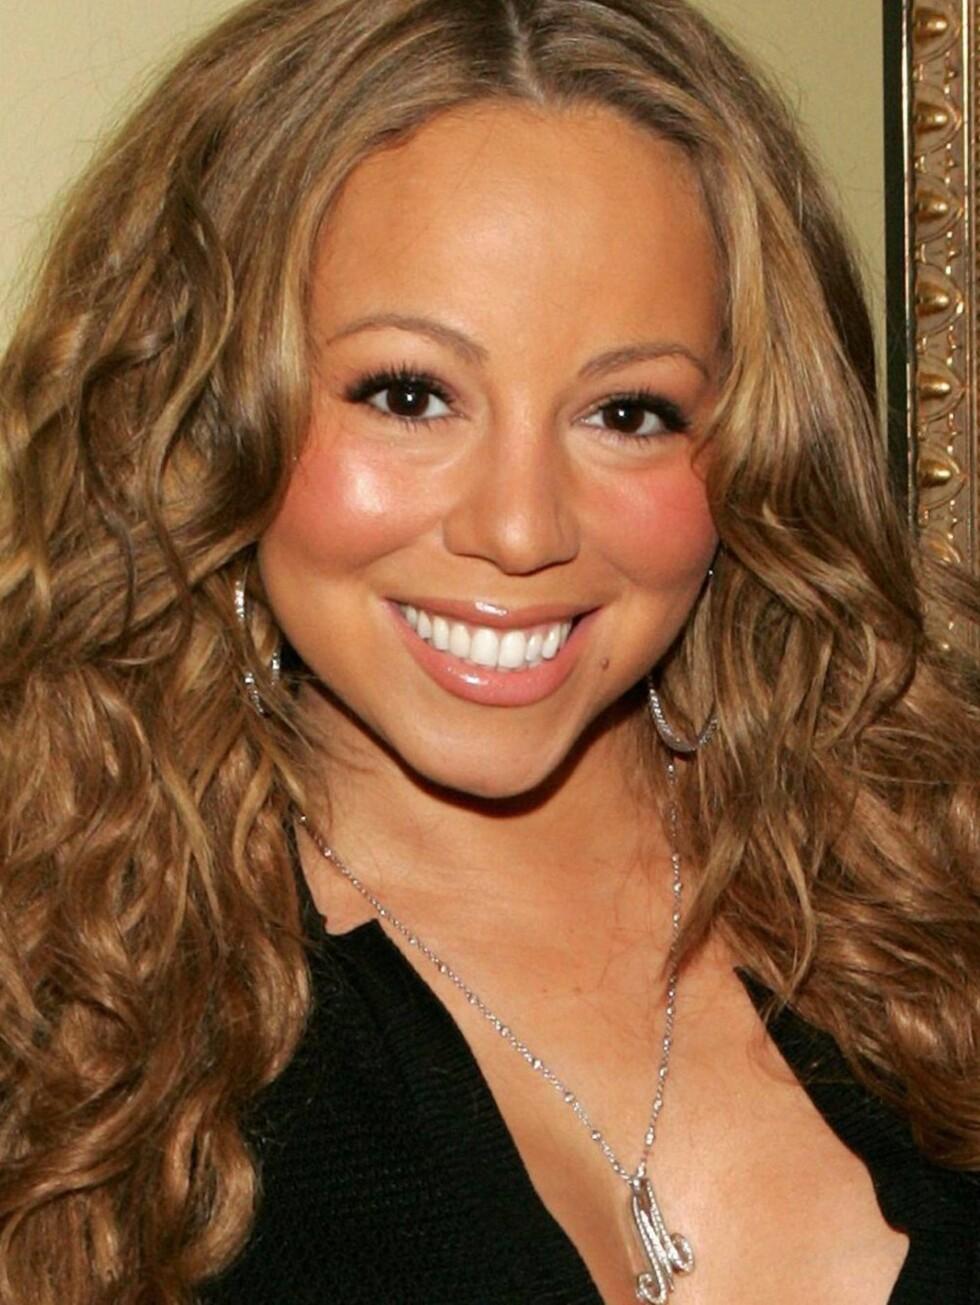 RYNKEFRI: Mariah tror at hun vil holde seg rynkefri med druer. Har hun ikke hørt om rosiner... Foto: All Over Press